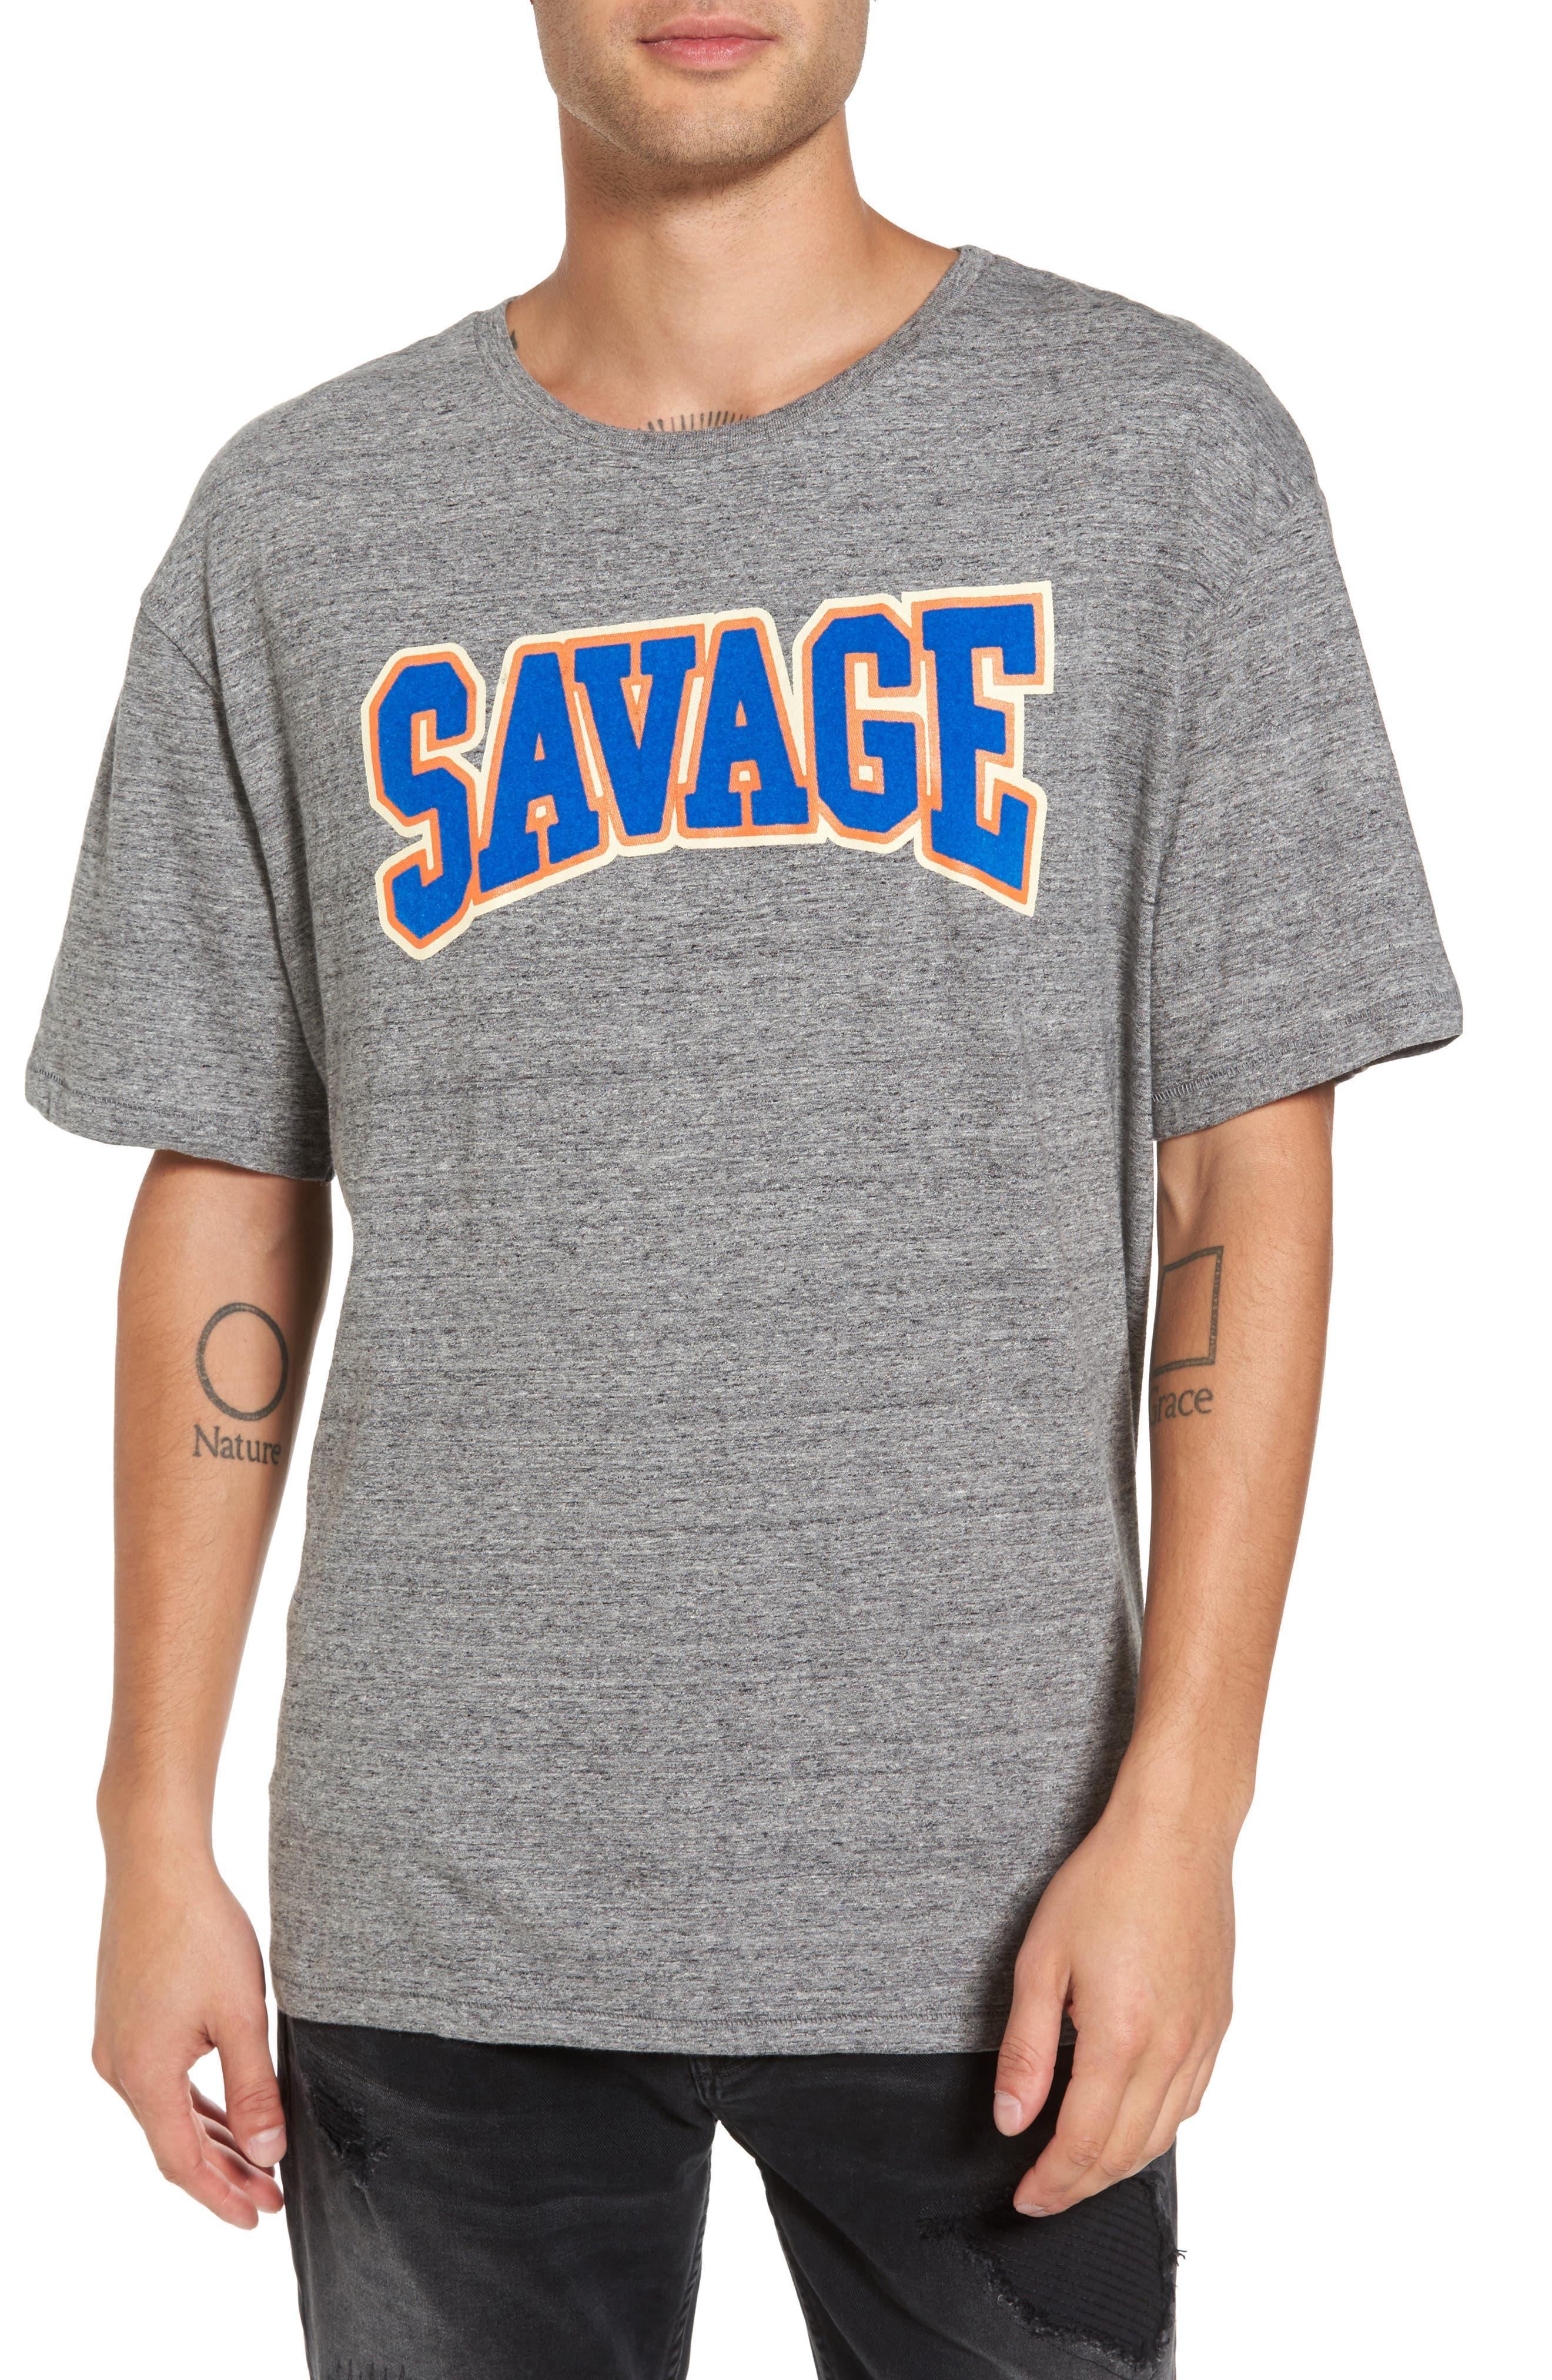 Savage T-Shirt,                             Main thumbnail 1, color,                             Grunder Grey